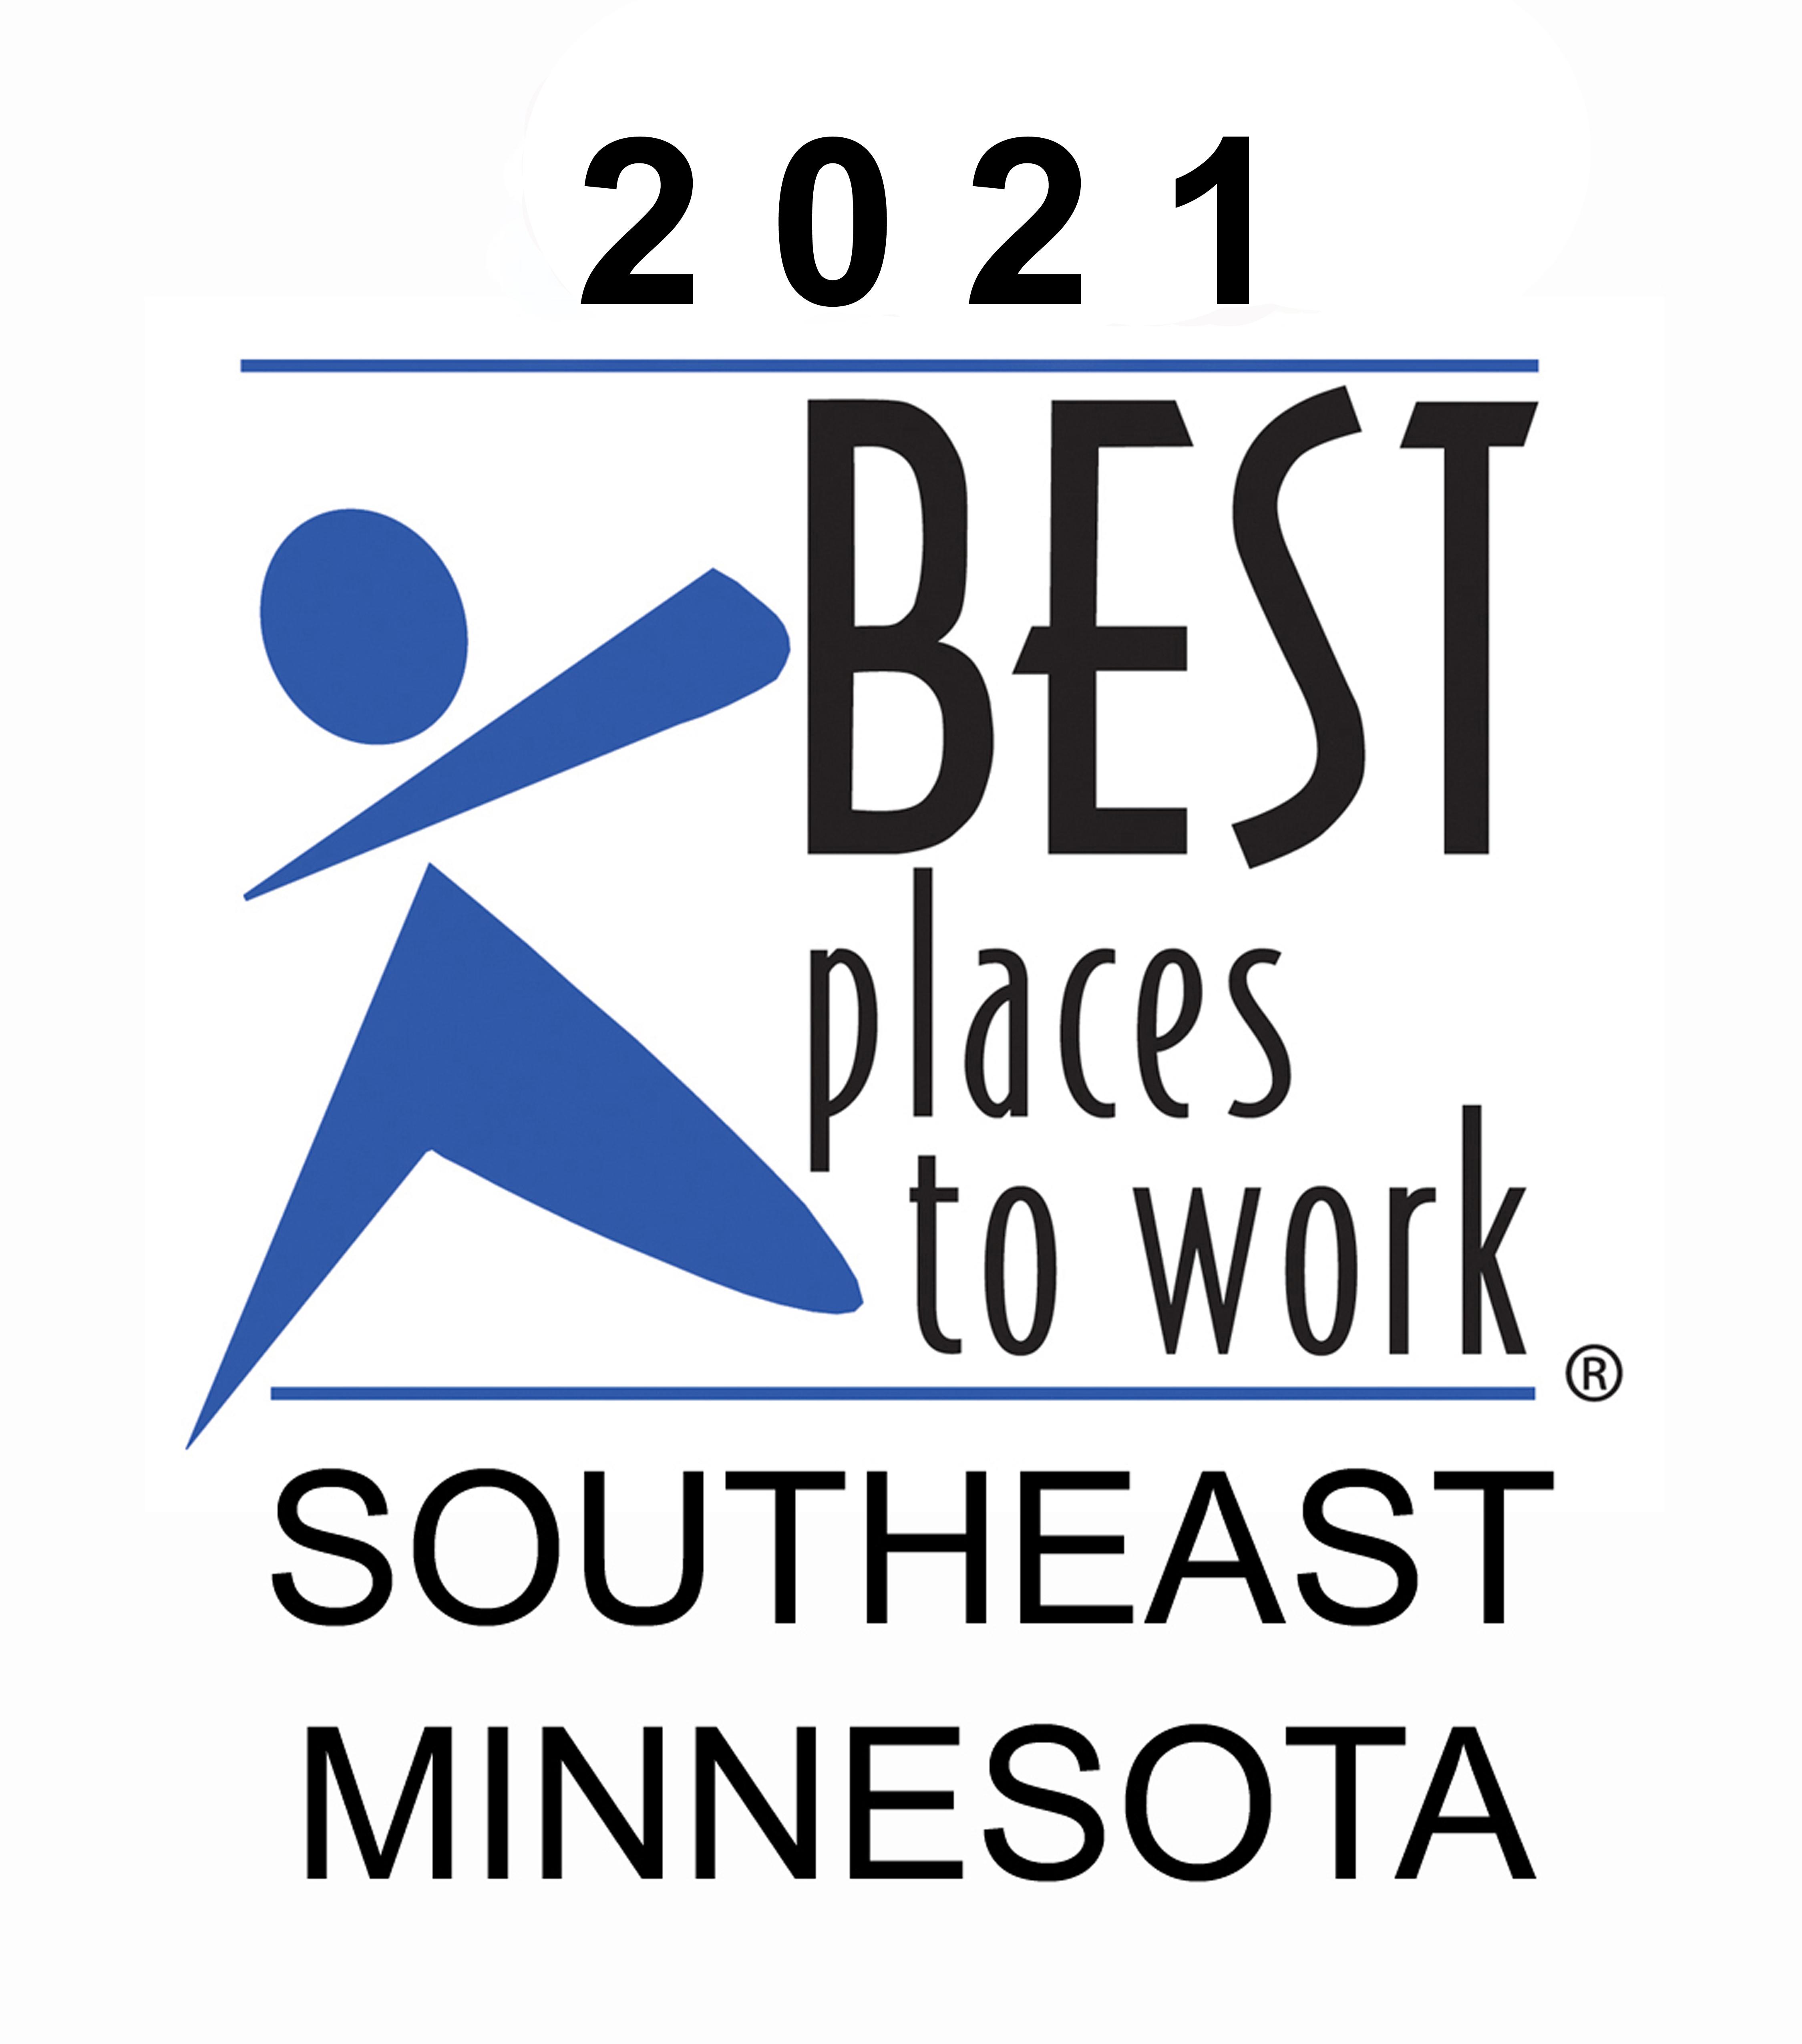 BestPlacesToWork_LOGO - SE Minnesota 2021 JPG